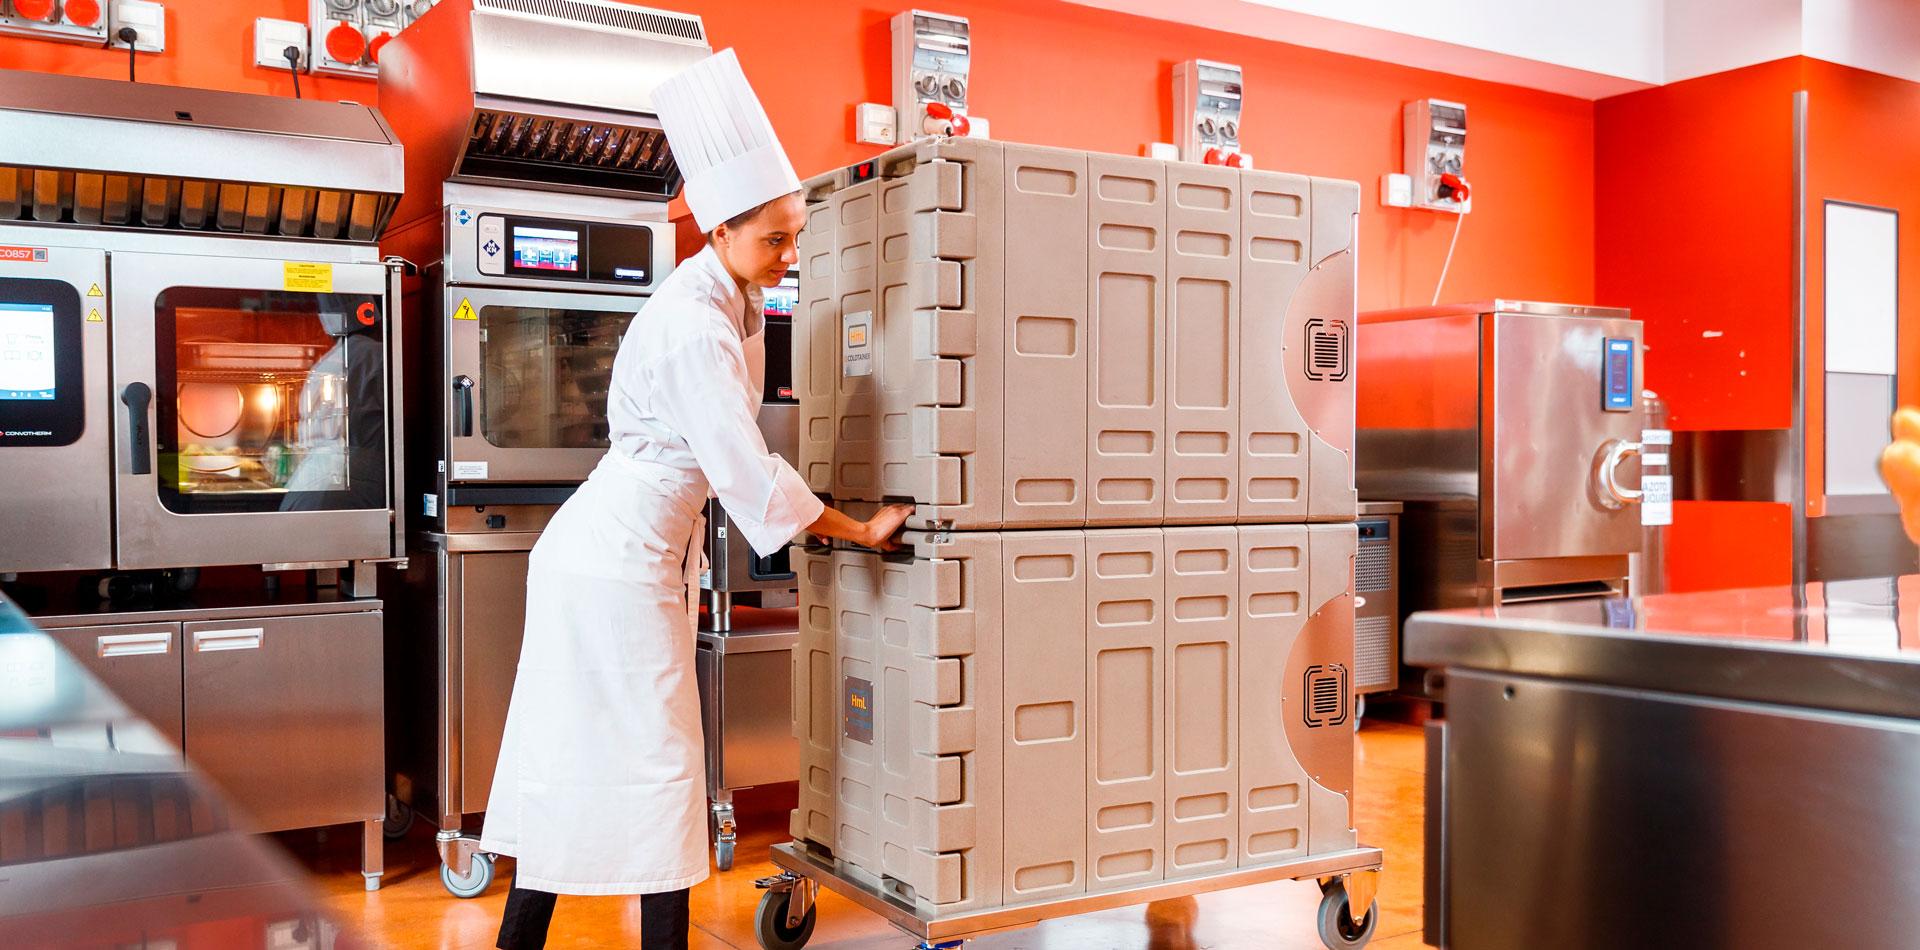 contenitori-trasporto-pasti-caldi-cucine-mense-05